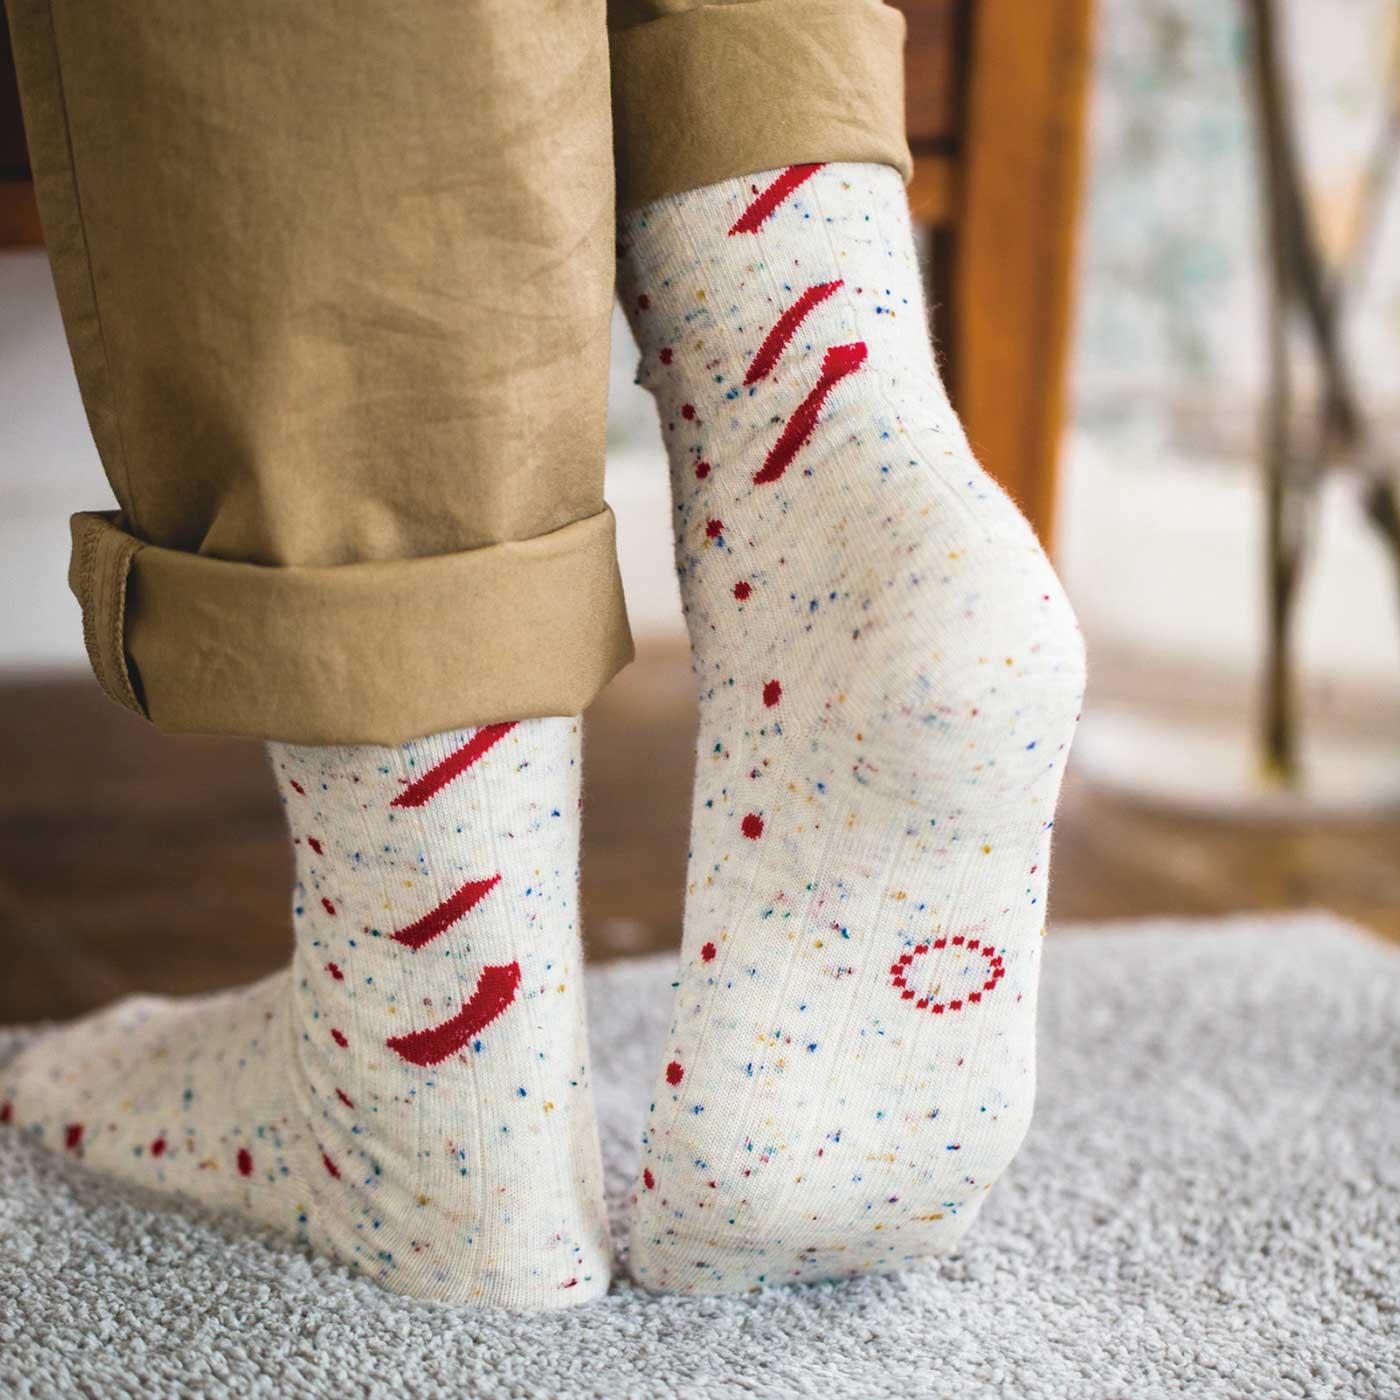 足裏にかわいいアクセントがあるデザインも。